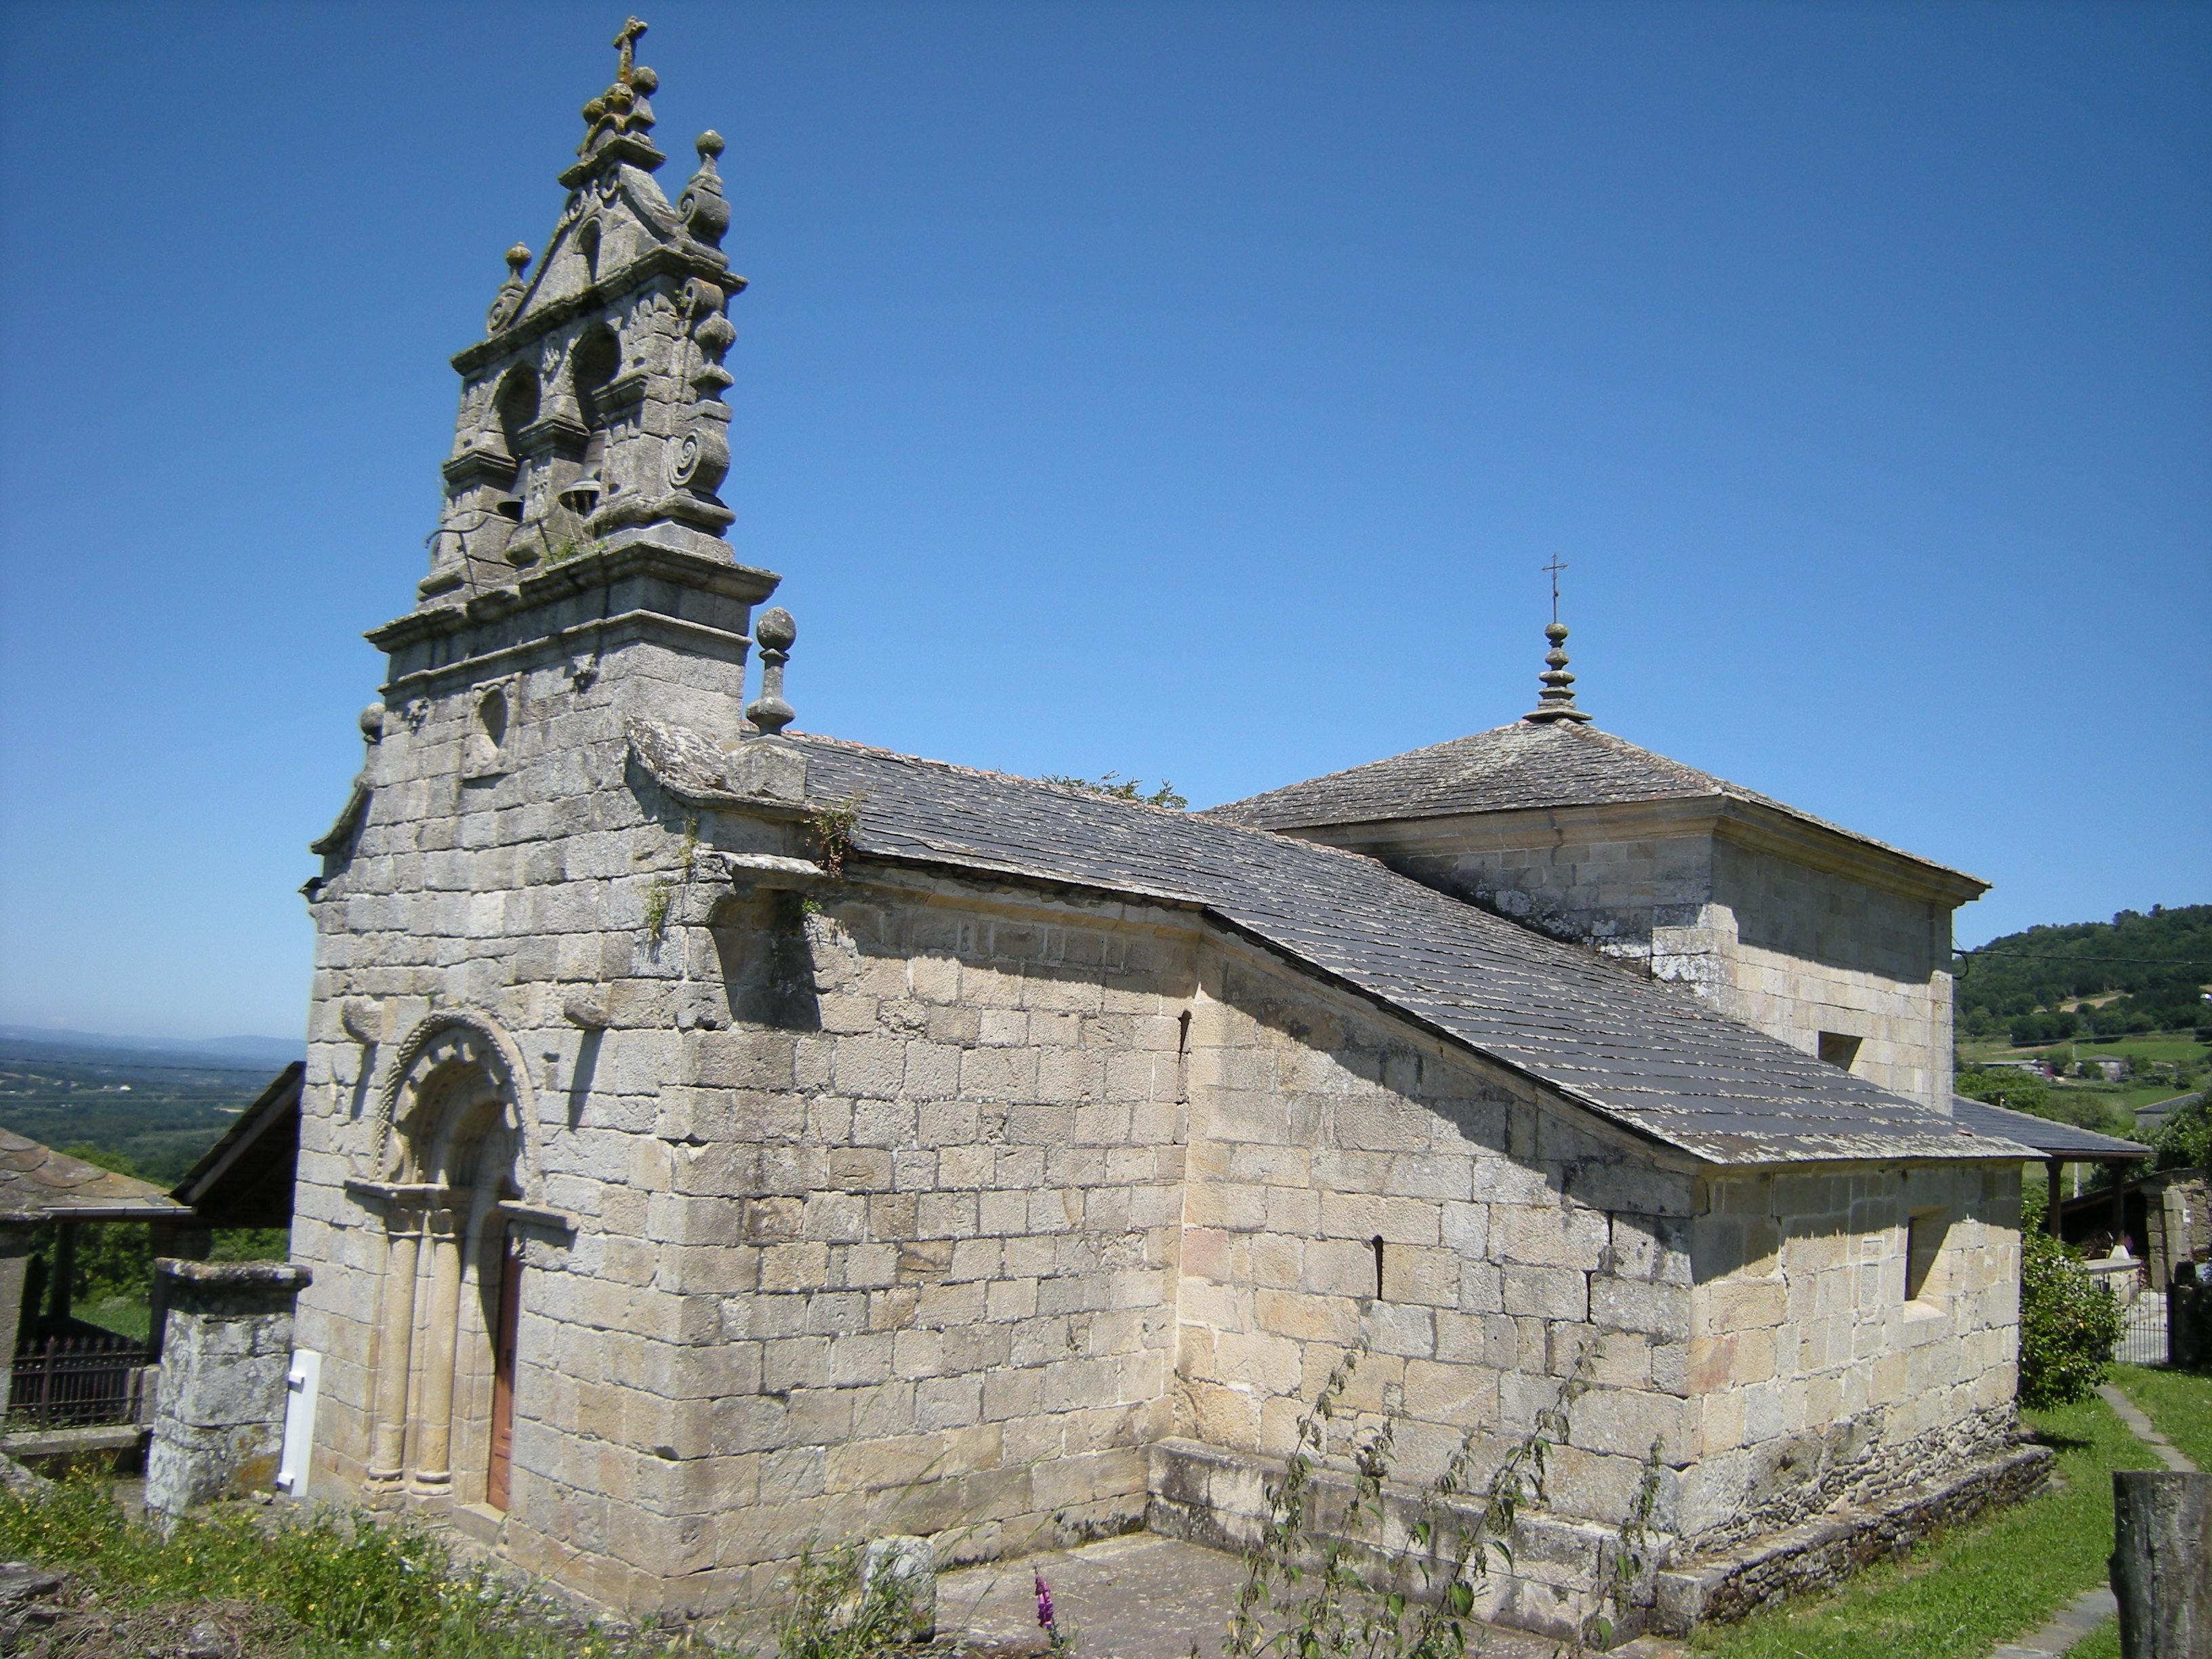 File:Igrexa de San Xoán de Friolfe, O Páramo, Galiza.jpg ...